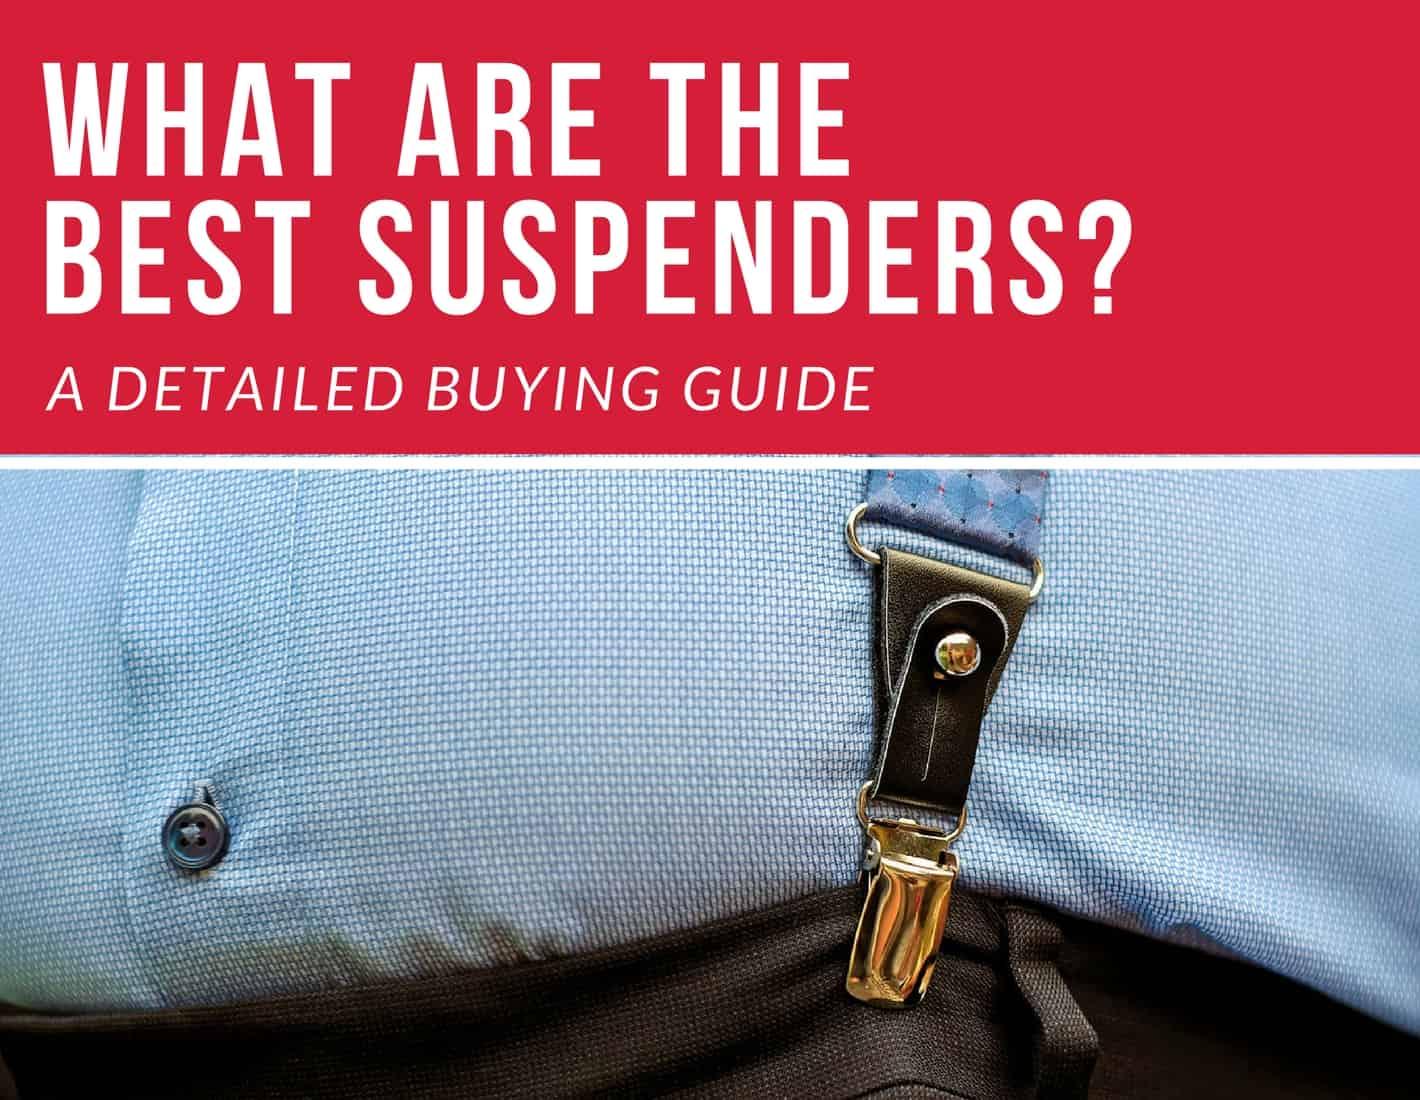 best suspenders for men